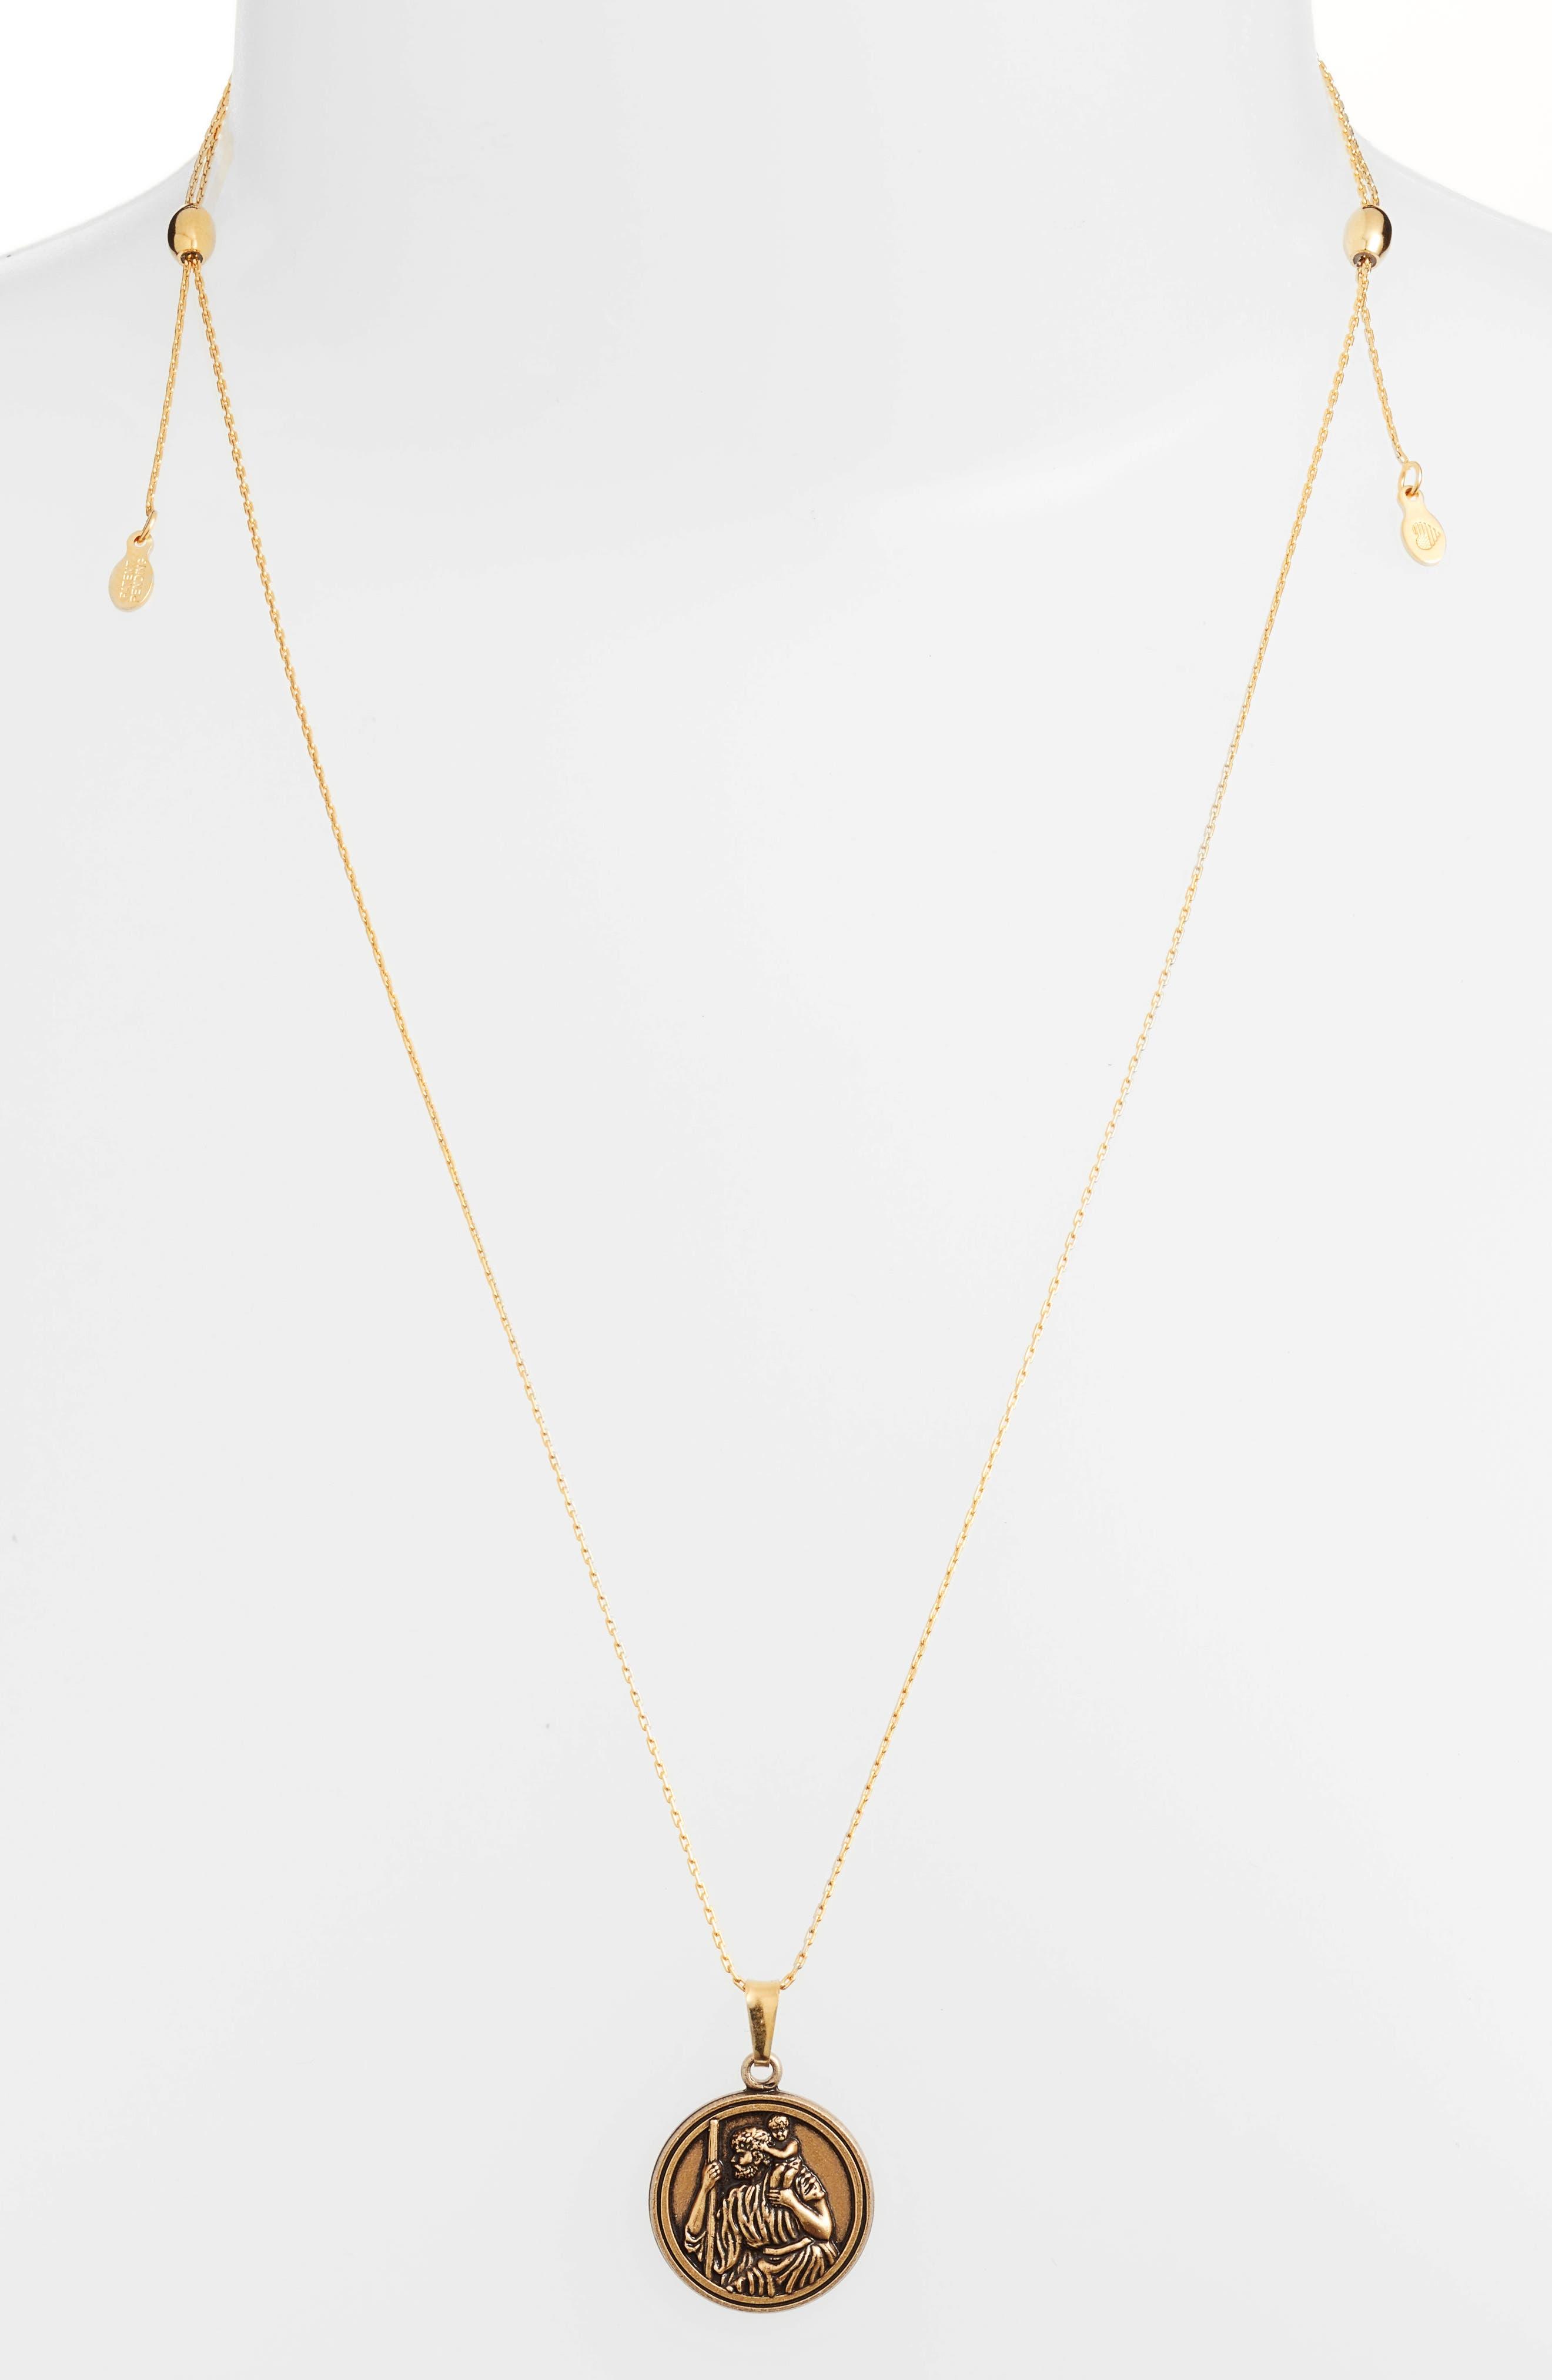 Saint Christopher Pendant Necklace,                             Alternate thumbnail 2, color,                             GOLD